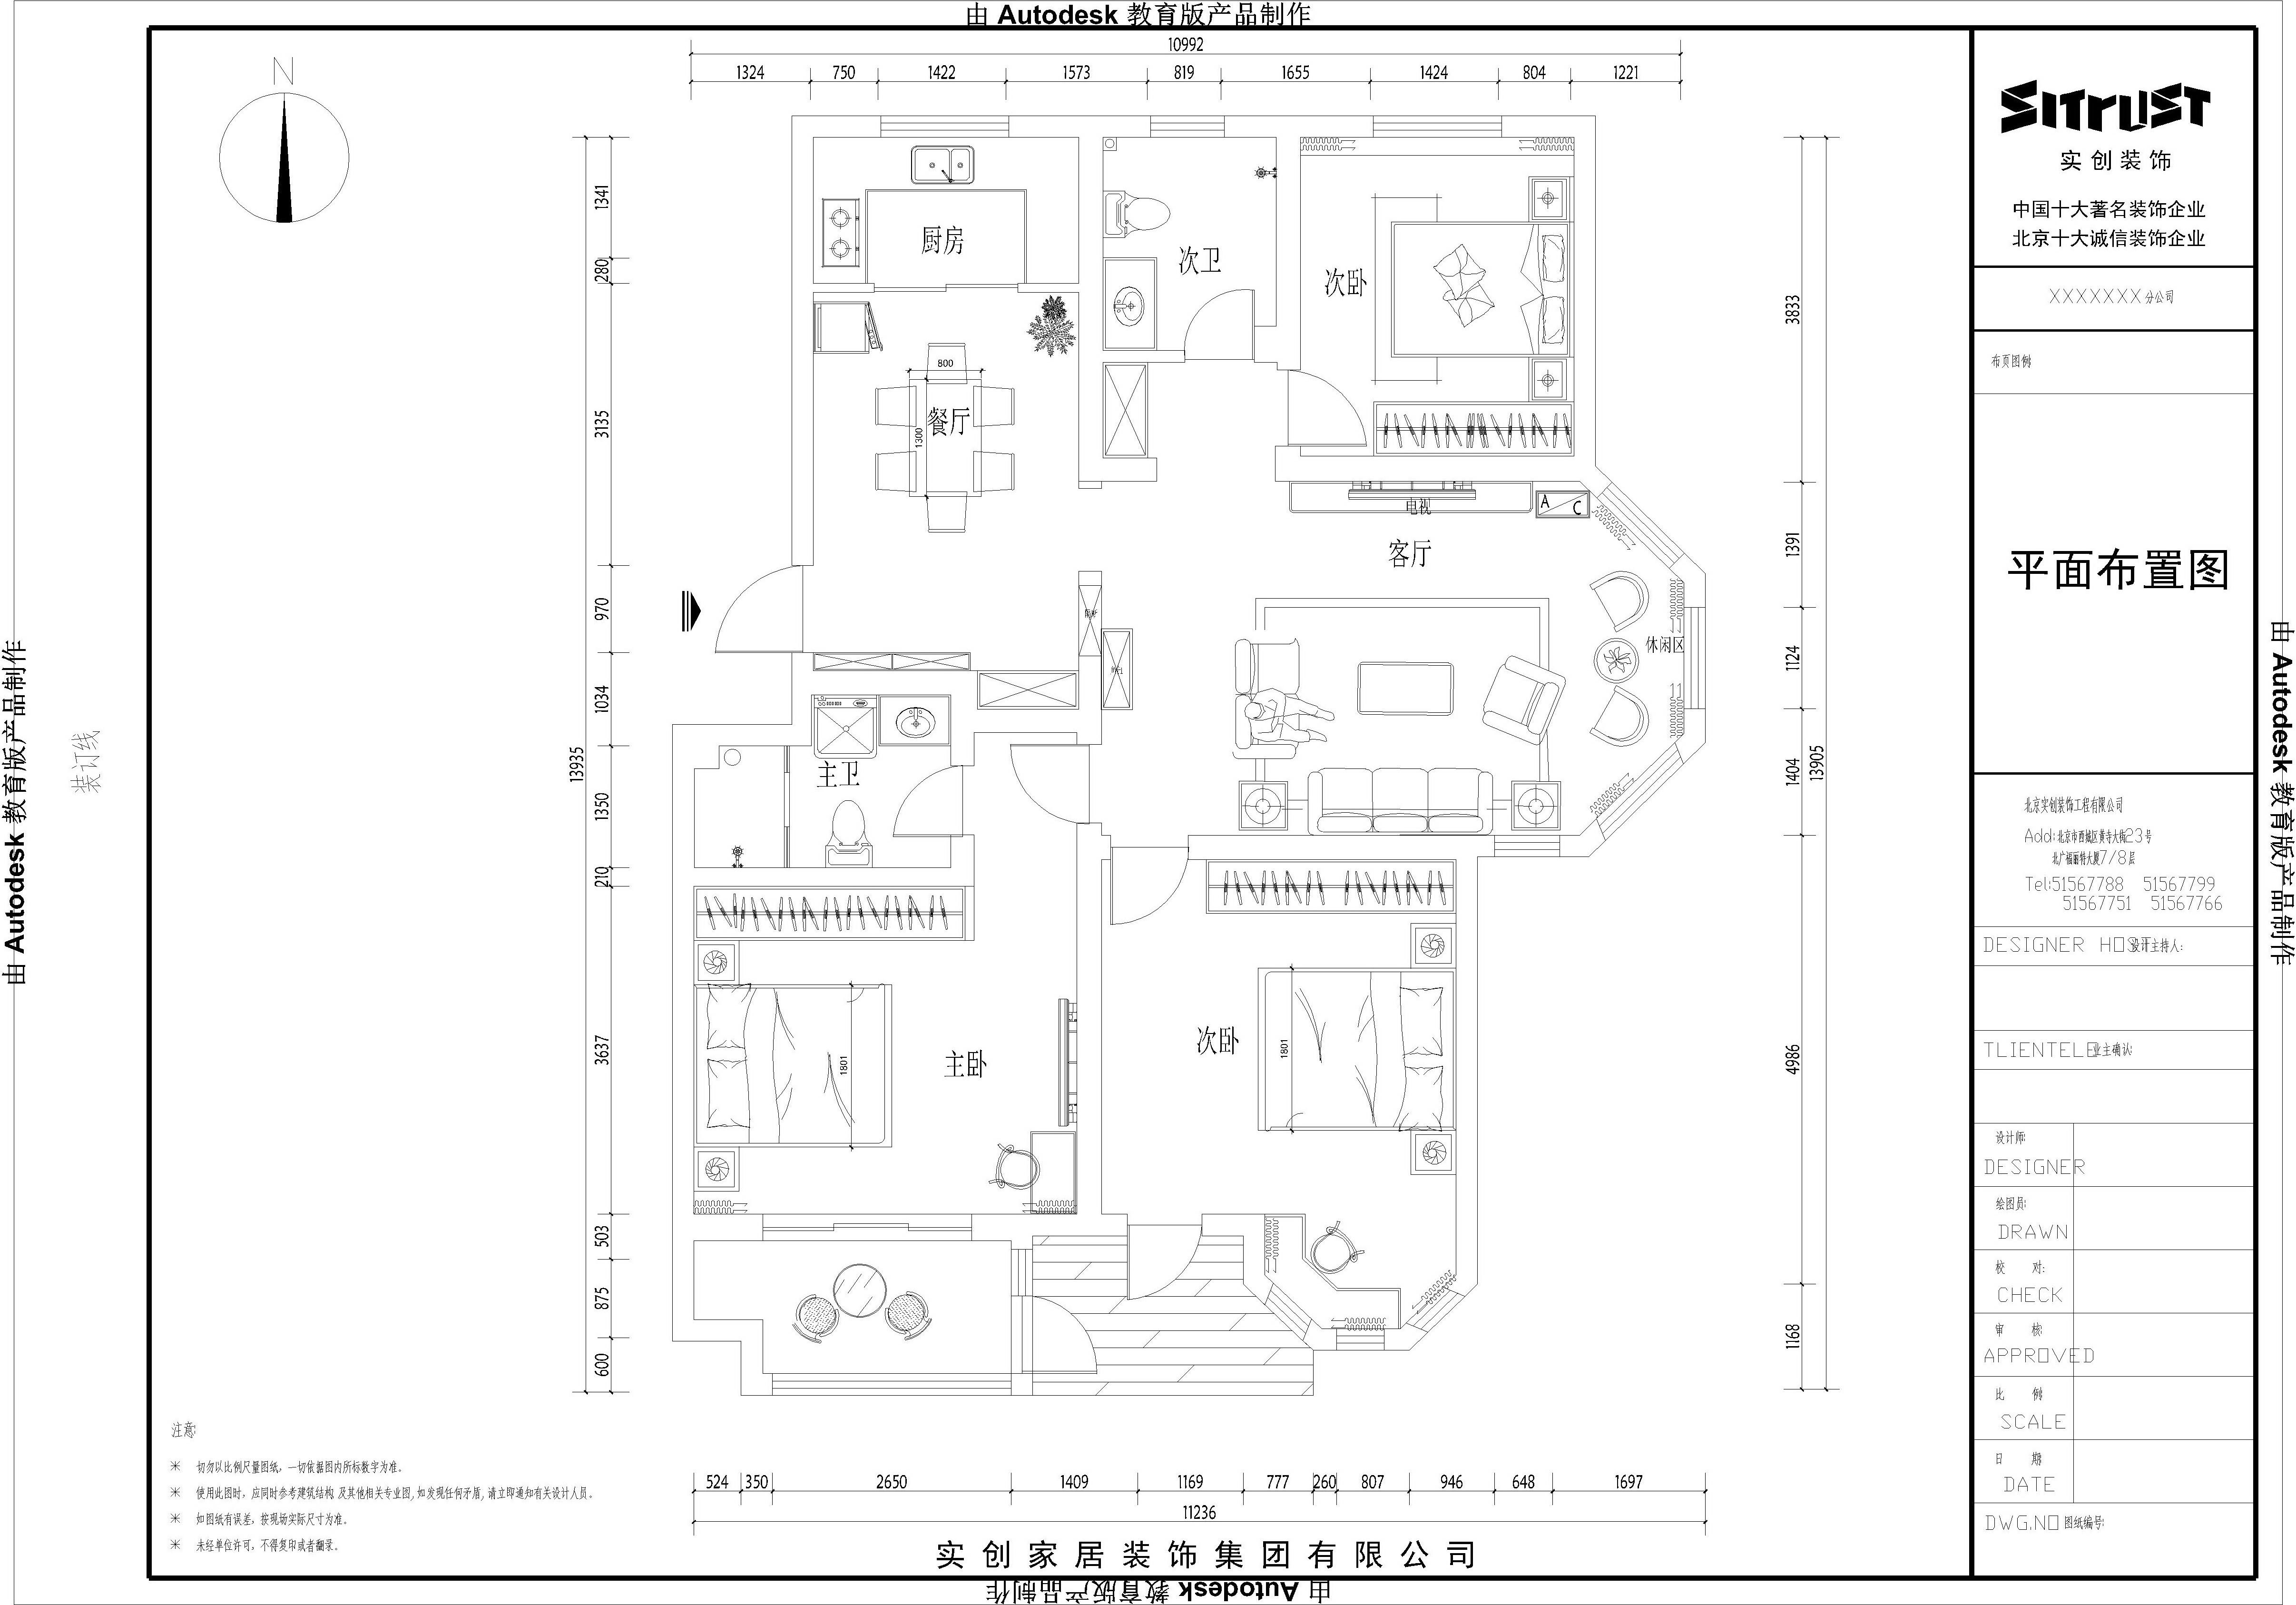 印象湾装修 印象湾别墅 青岛装修 实创装饰 110平装修 户型图图片来自实创装饰集团青岛公司在印象湾110平现代简约设计的分享